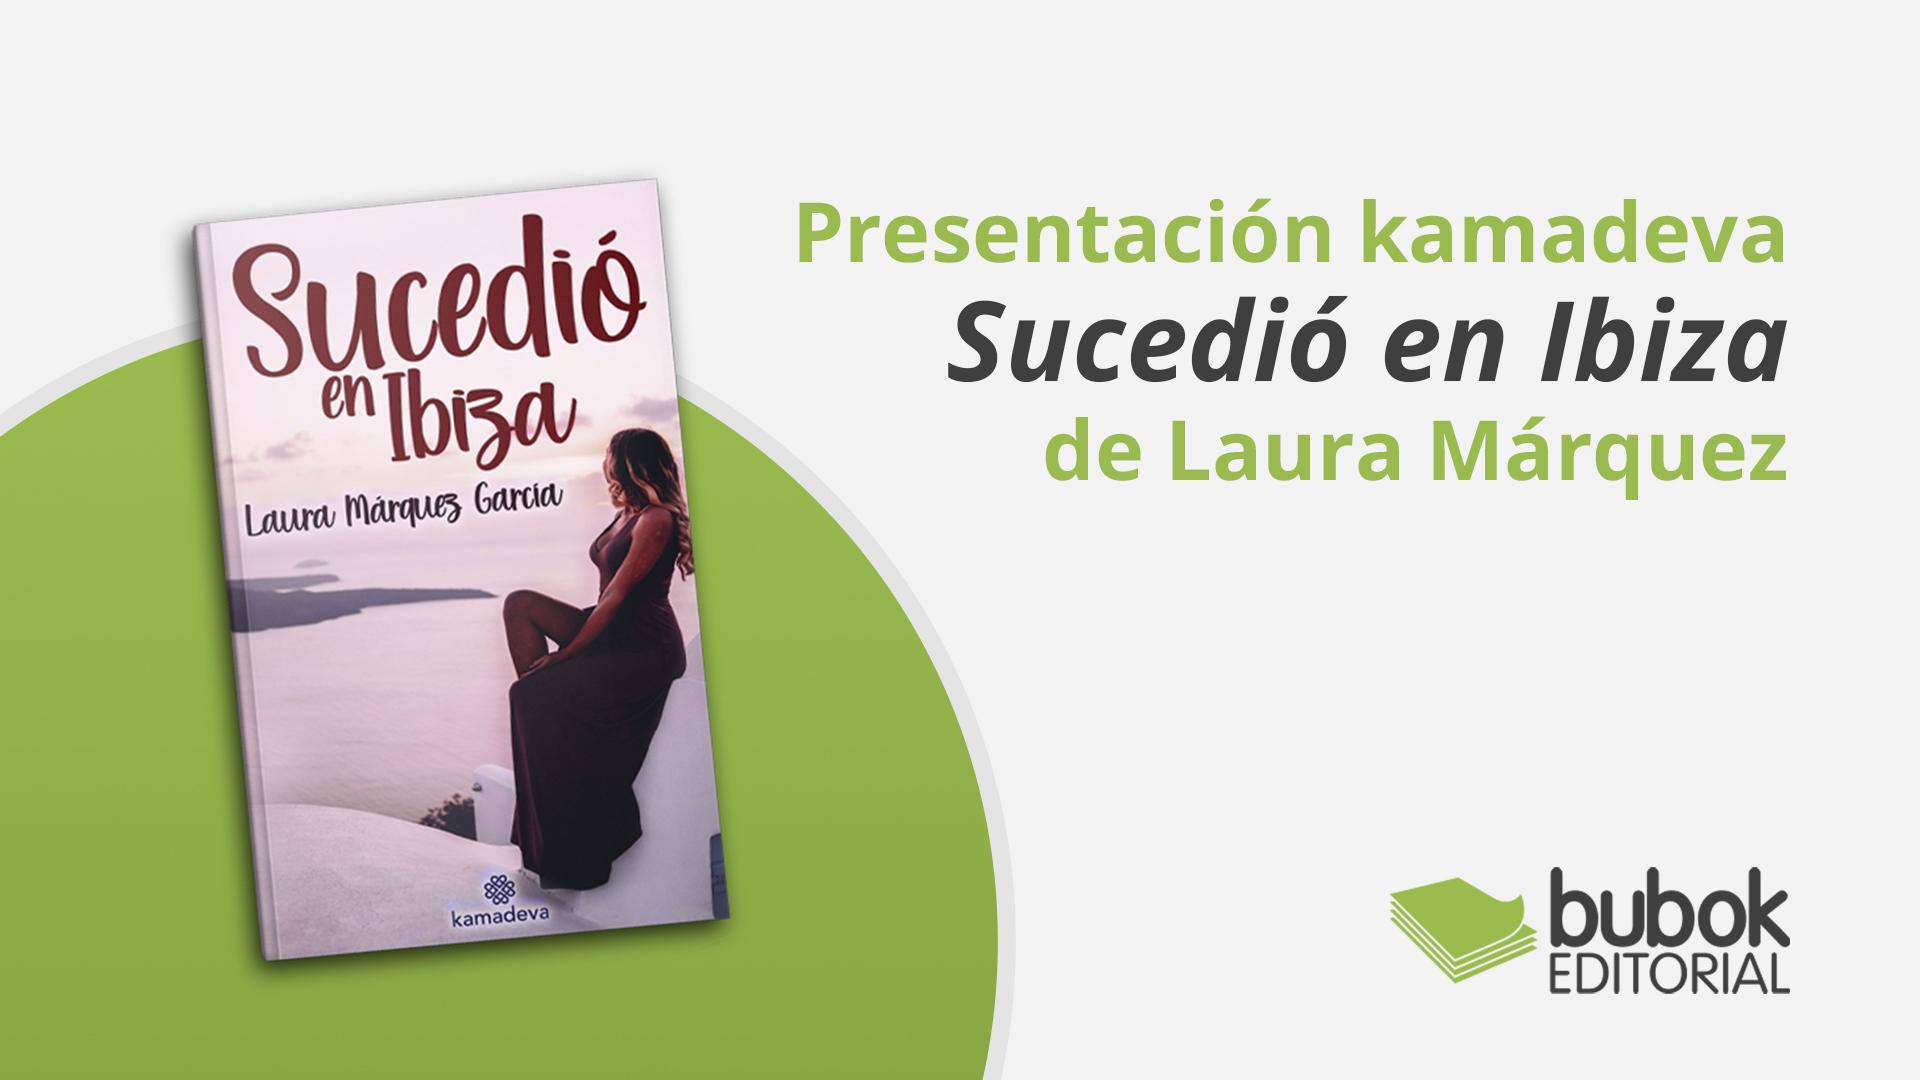 Presentación kamadeva Sucedió en Ibiza de Laura Márquez